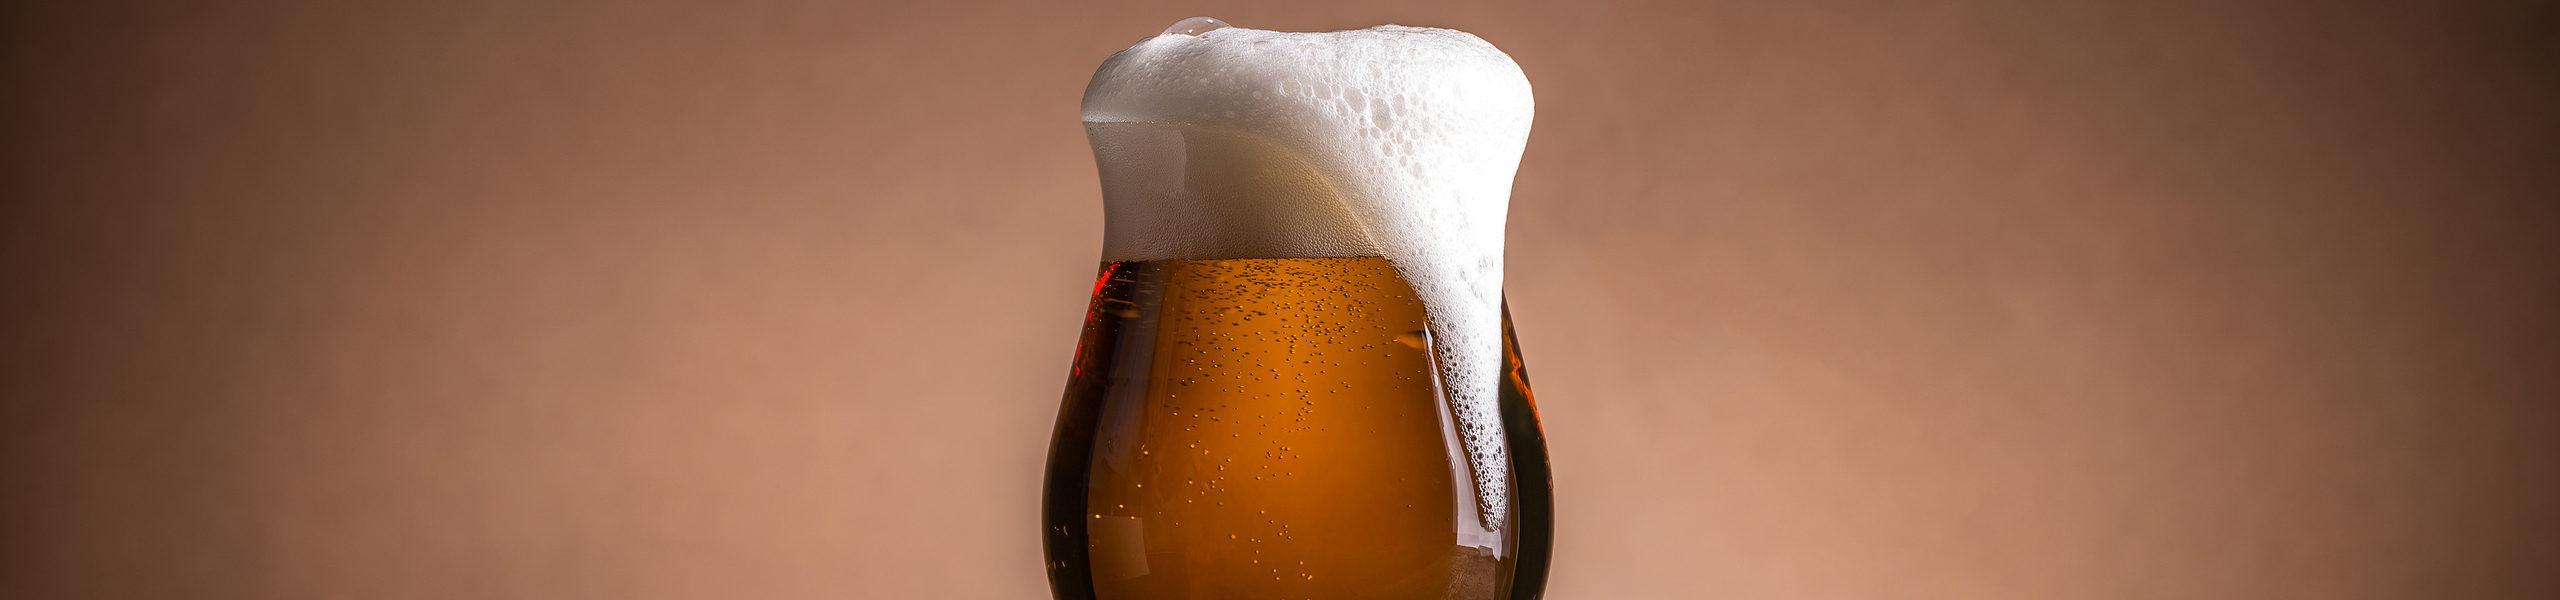 001 Birre Del Territorio Slide